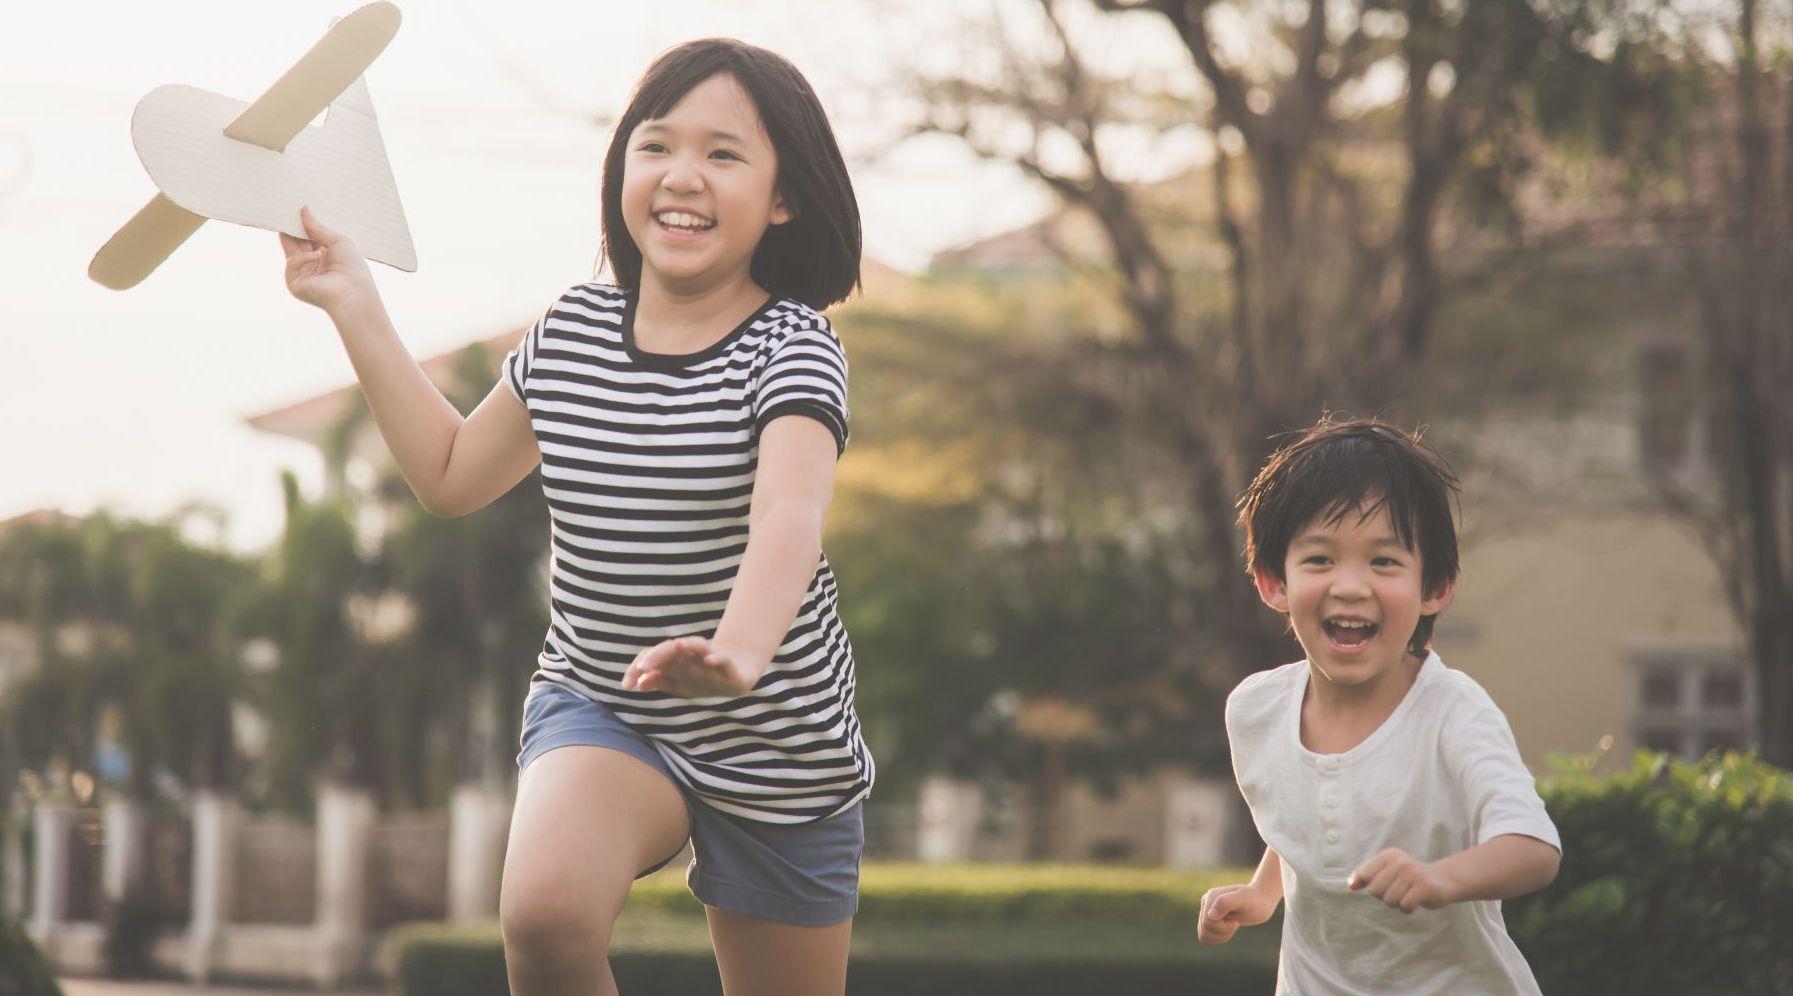 「去不丹找快樂?」他駁斥:真正的快樂不需靠觀摩別人才能獲得